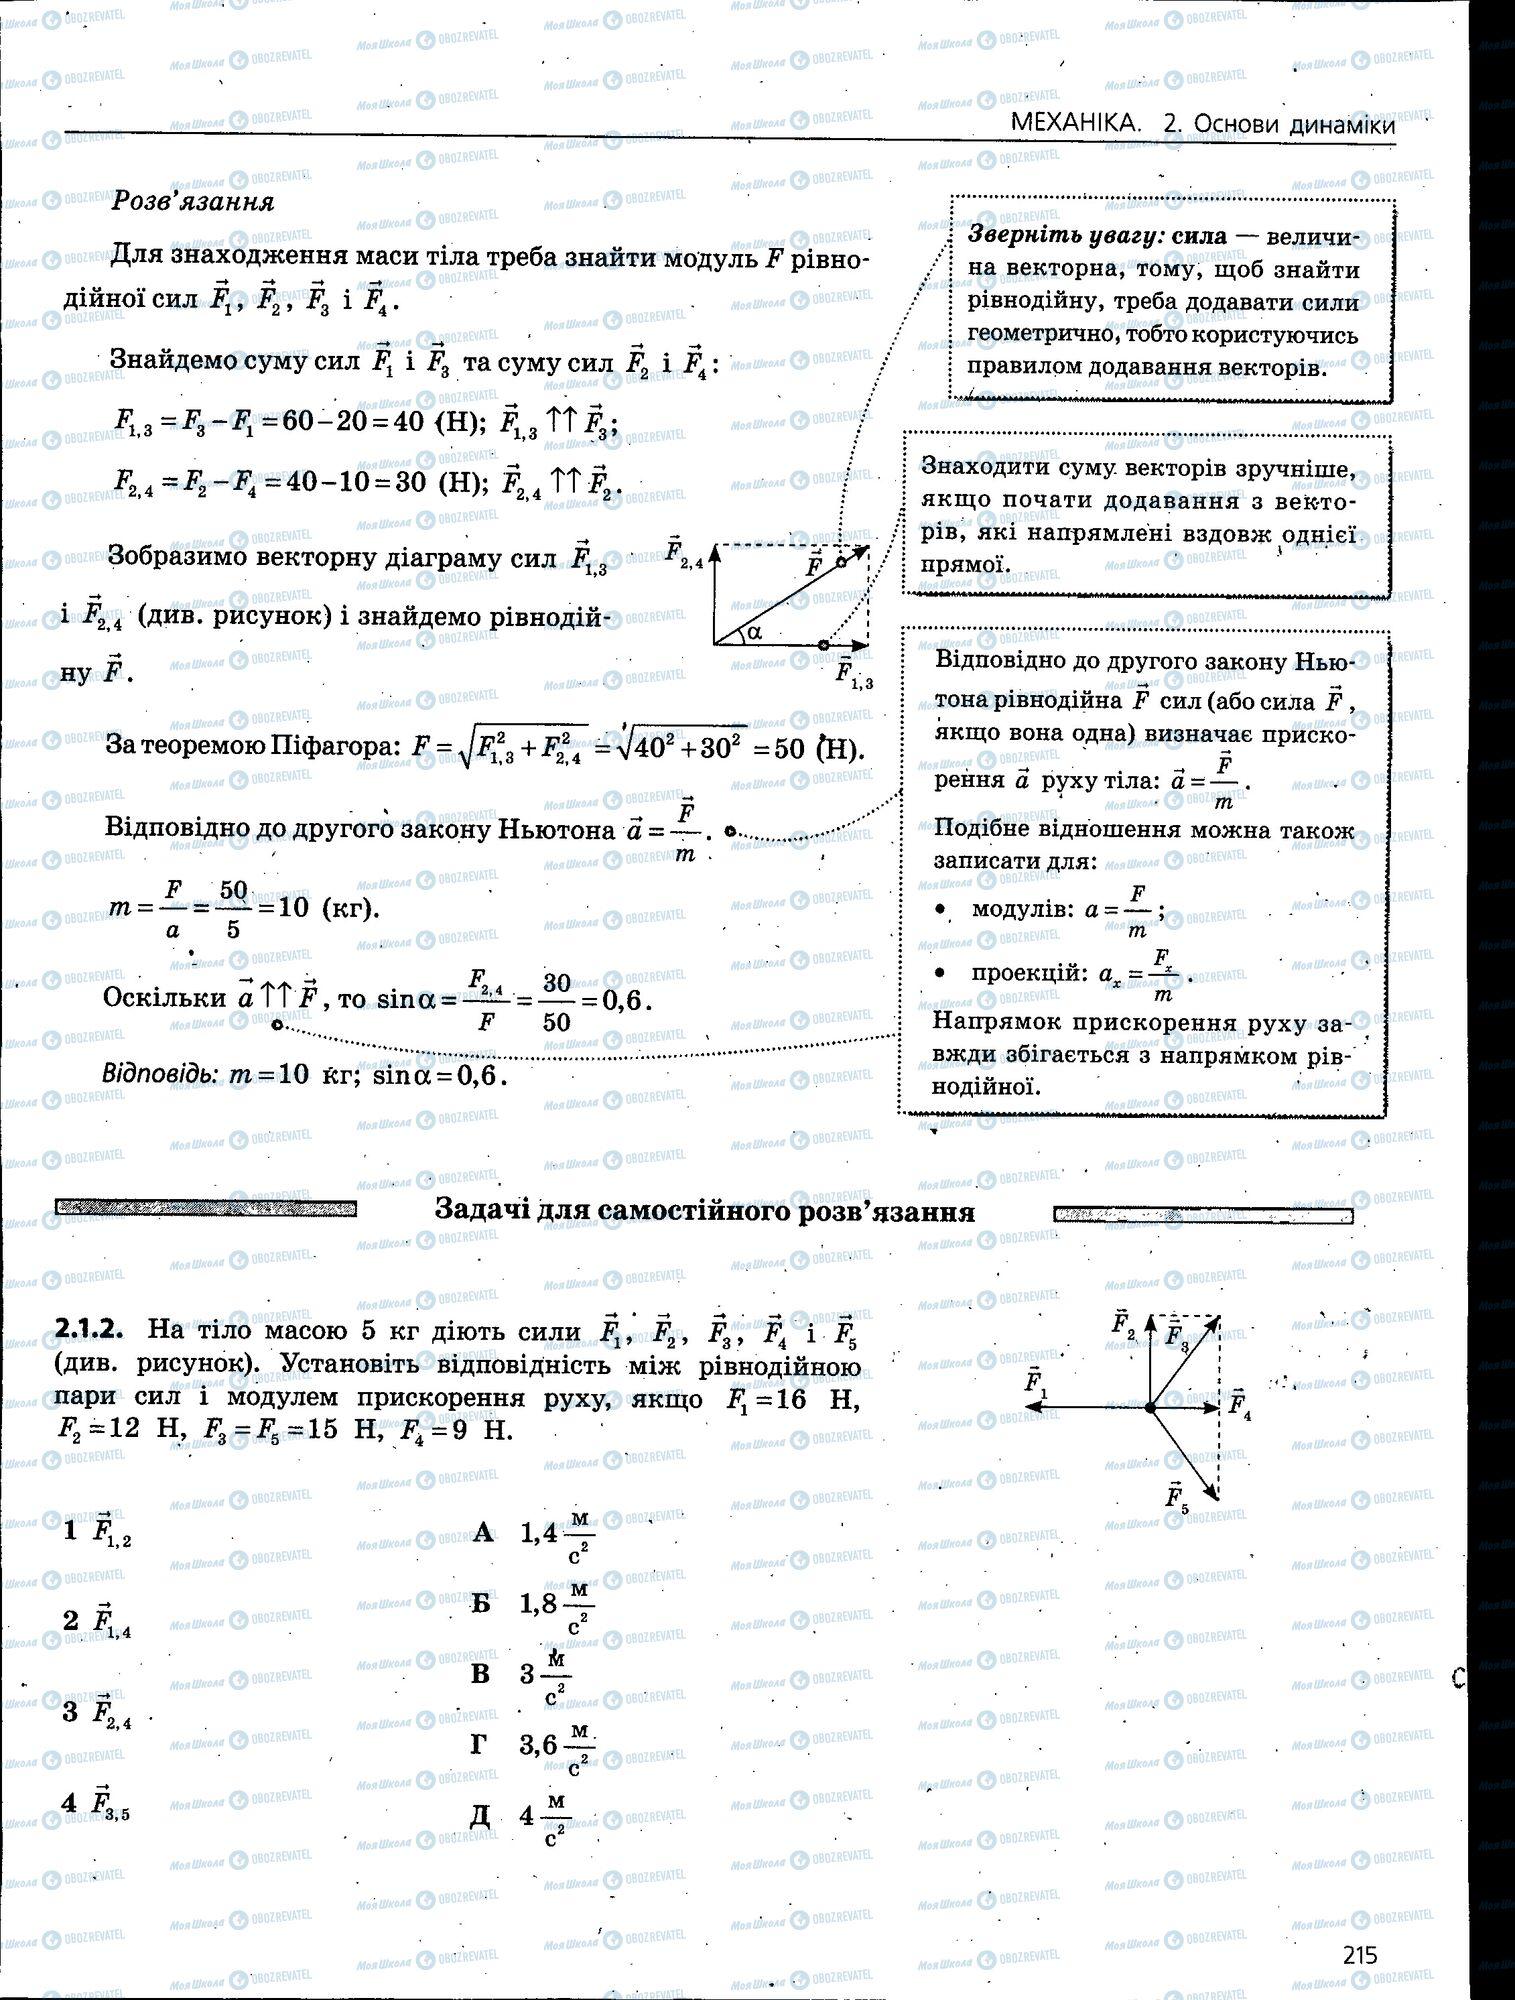 ЗНО Физика 11 класс страница 215